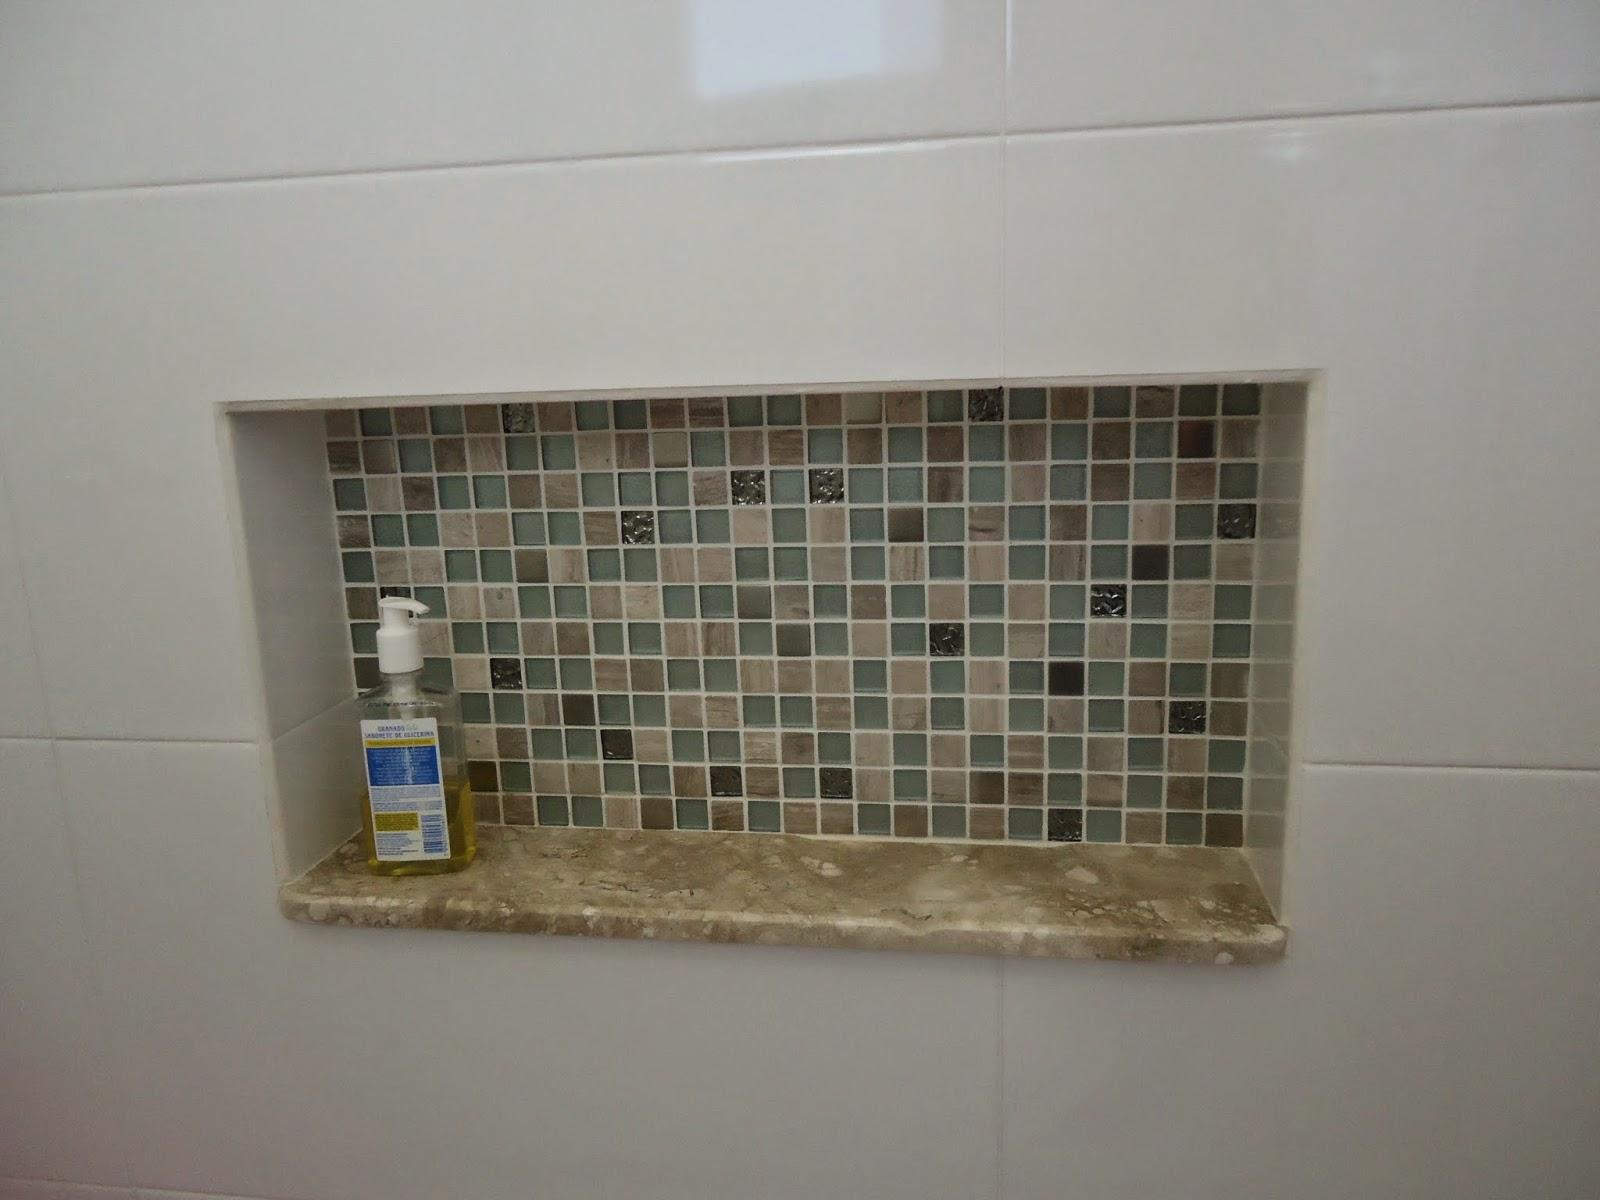 Banheiro Com Pastilhas De Vidro No Chão  rinkratmagcom banheiros decorados  -> Banheiro Com Pastilha De Vidro No Chao